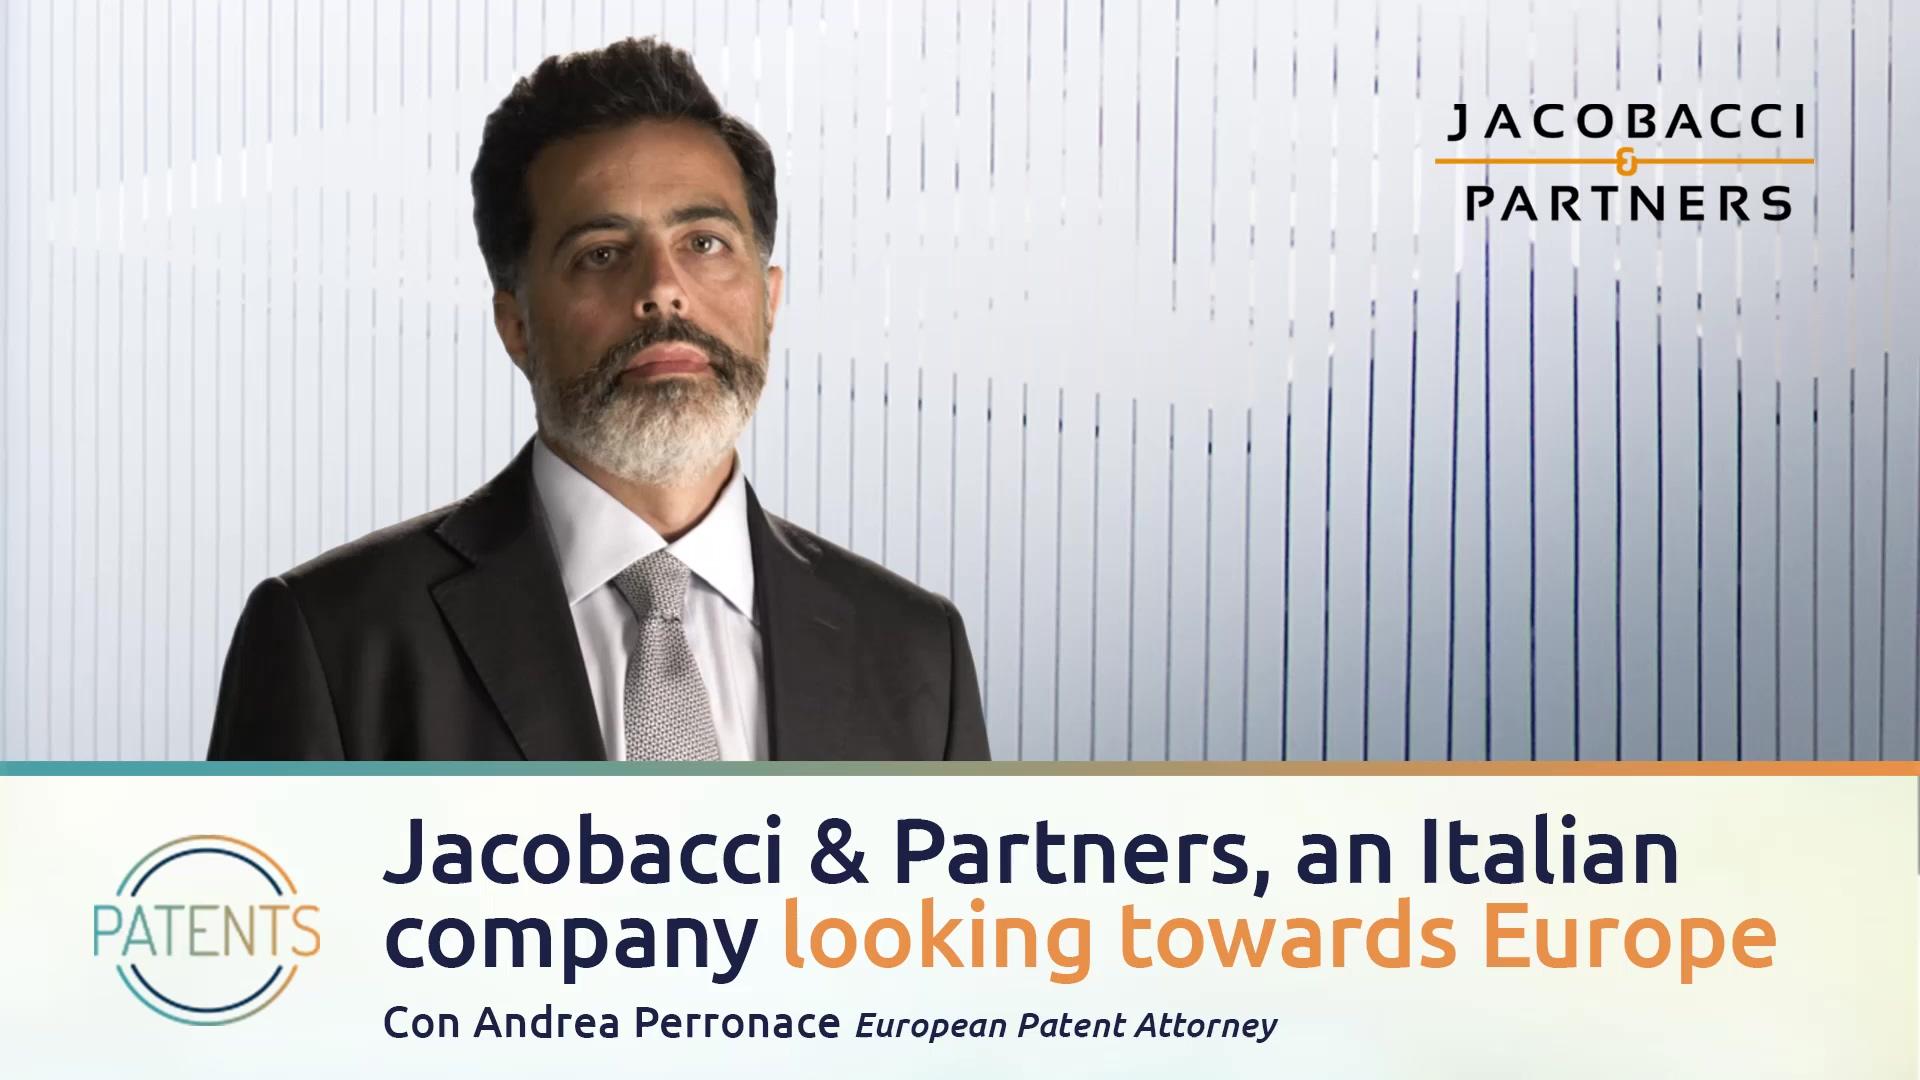 JACOBACCI_ENG_VIDEO_04_AndreaPerronace